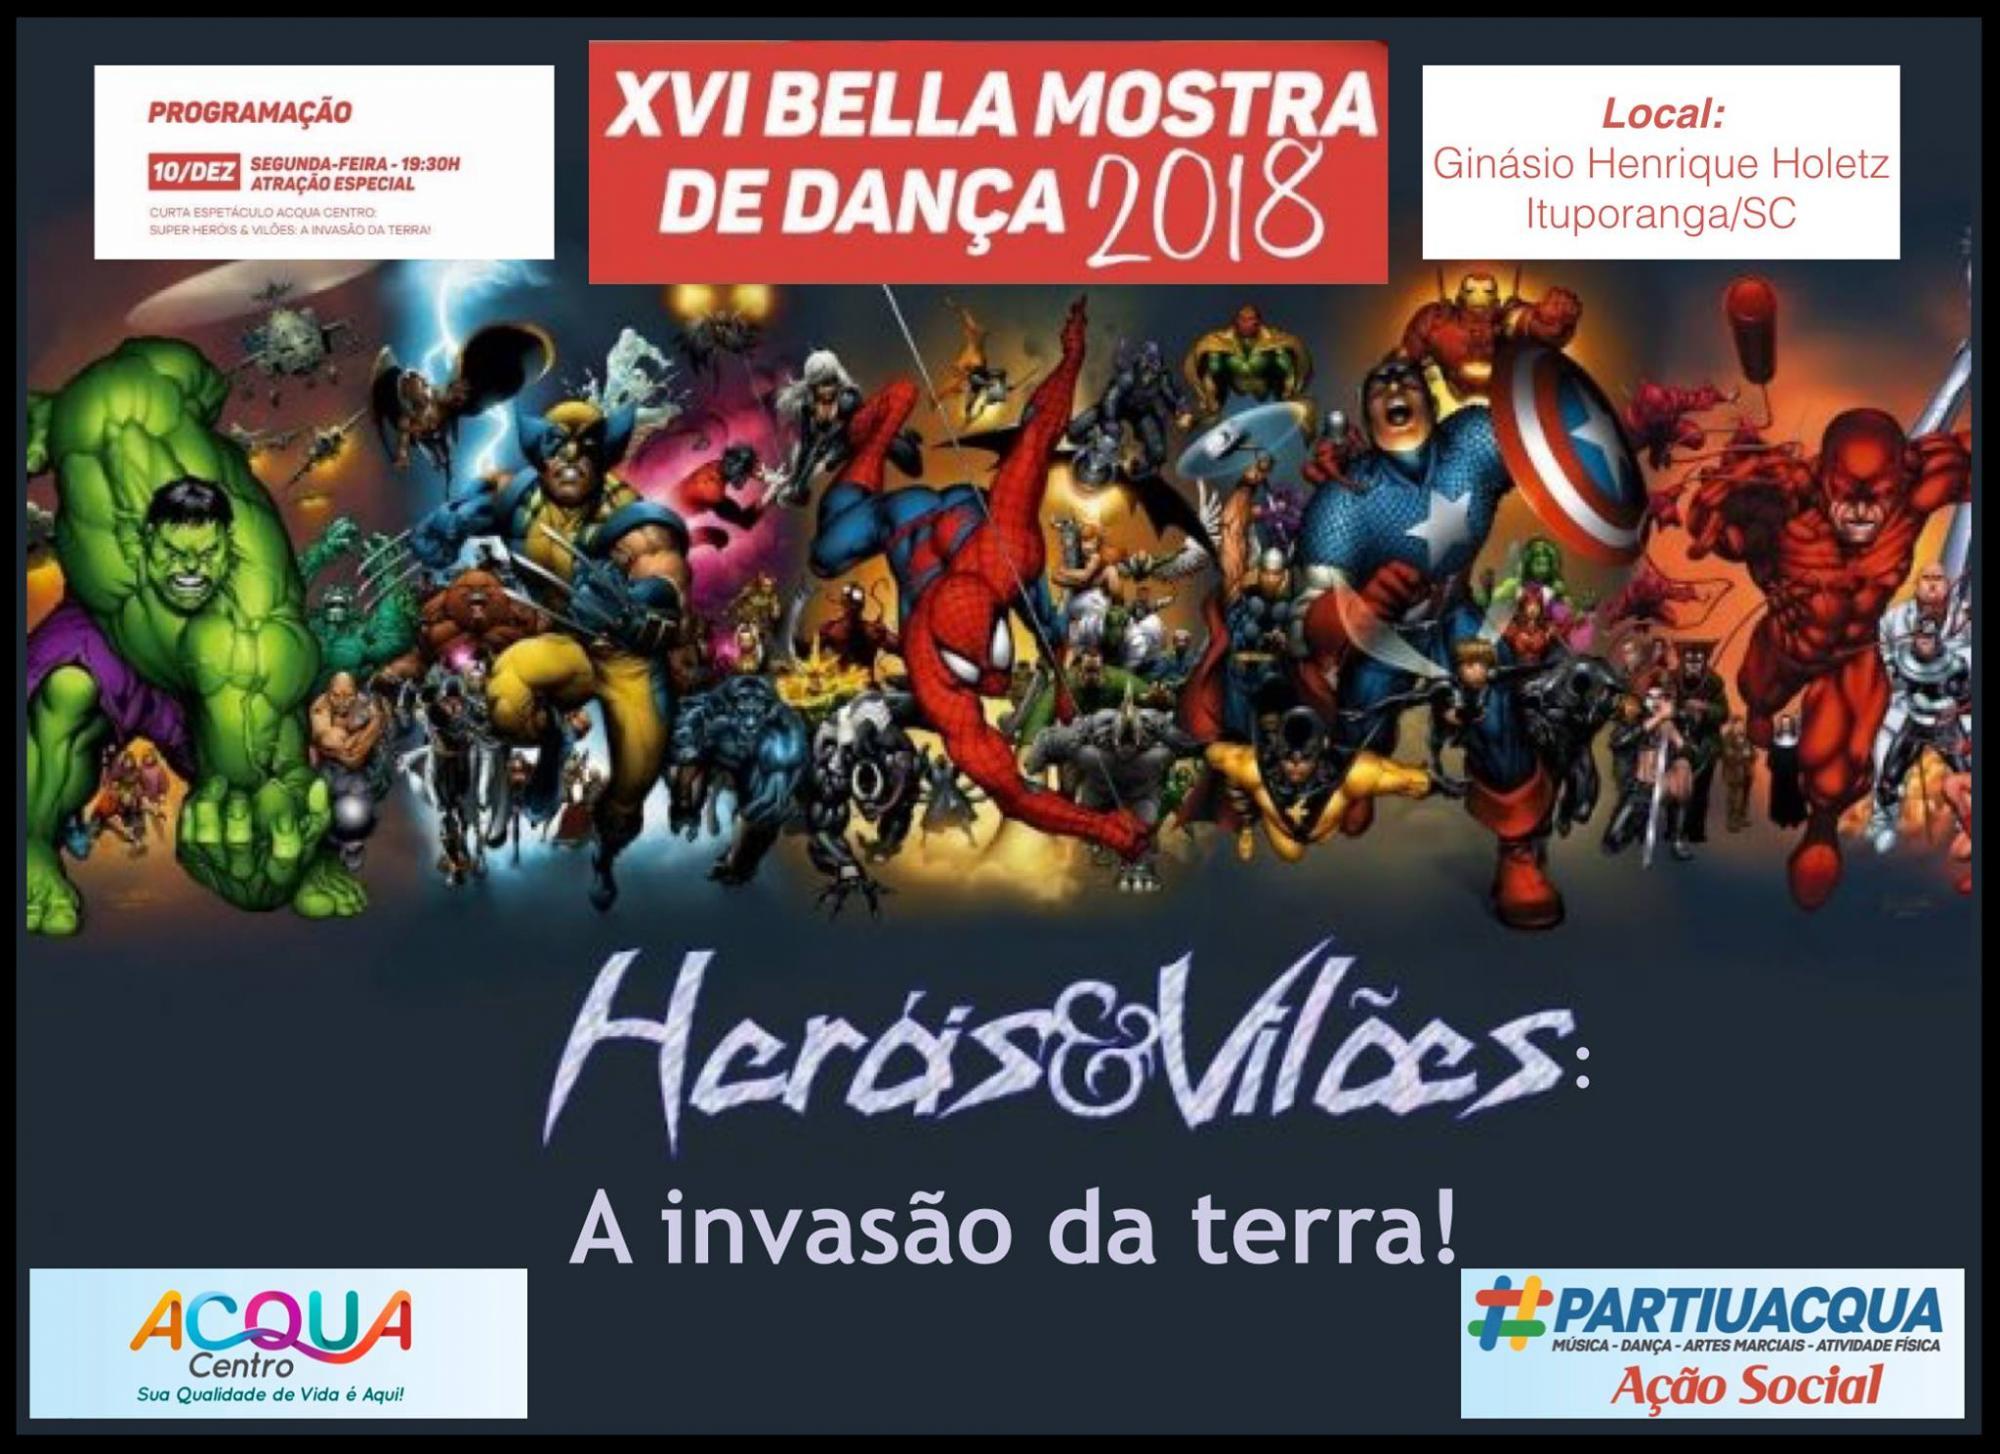 16ª Bella Mostra de Dança será realizada na próxima semana em Ituporanga